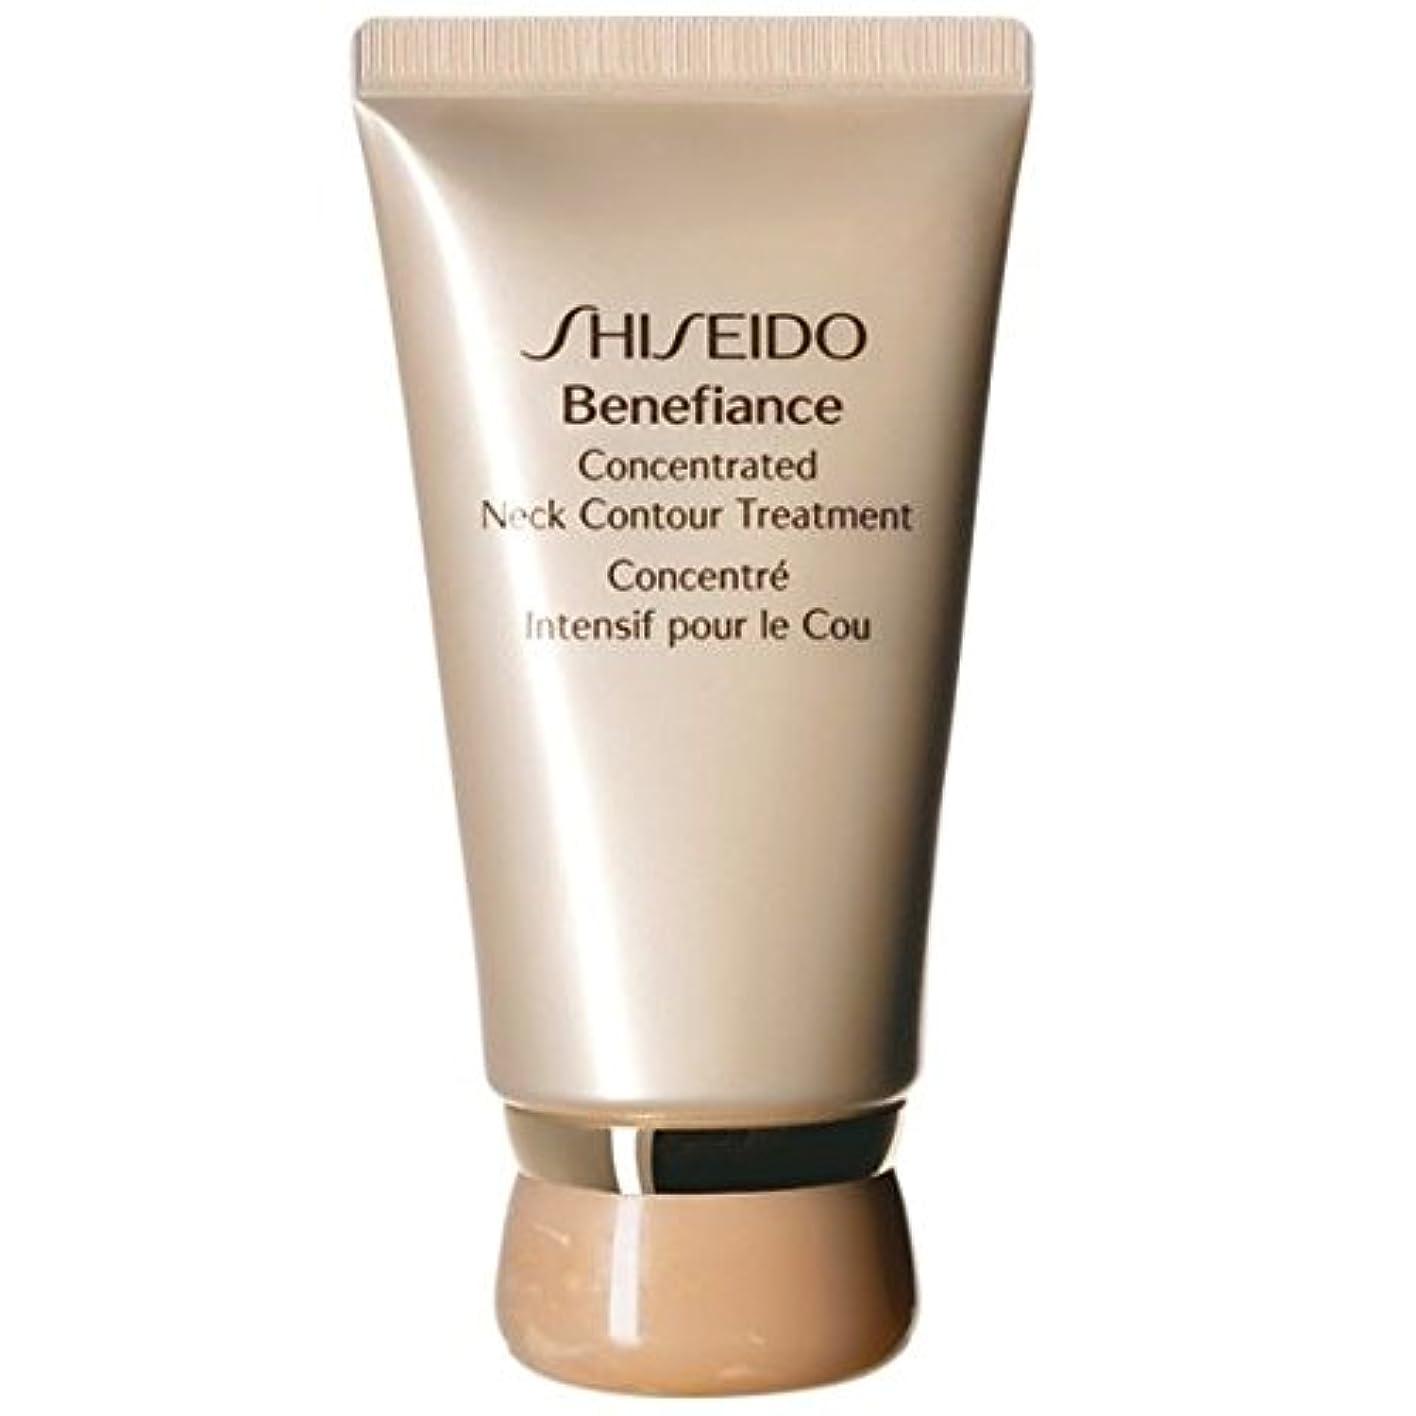 契約パーティー闘争[Shiseido] 資生堂ベネフィアンス濃縮ネック輪郭処理50ミリリットル - Shiseido Benefiance Concentrated Neck Contour Treatment 50ml [並行輸入品]